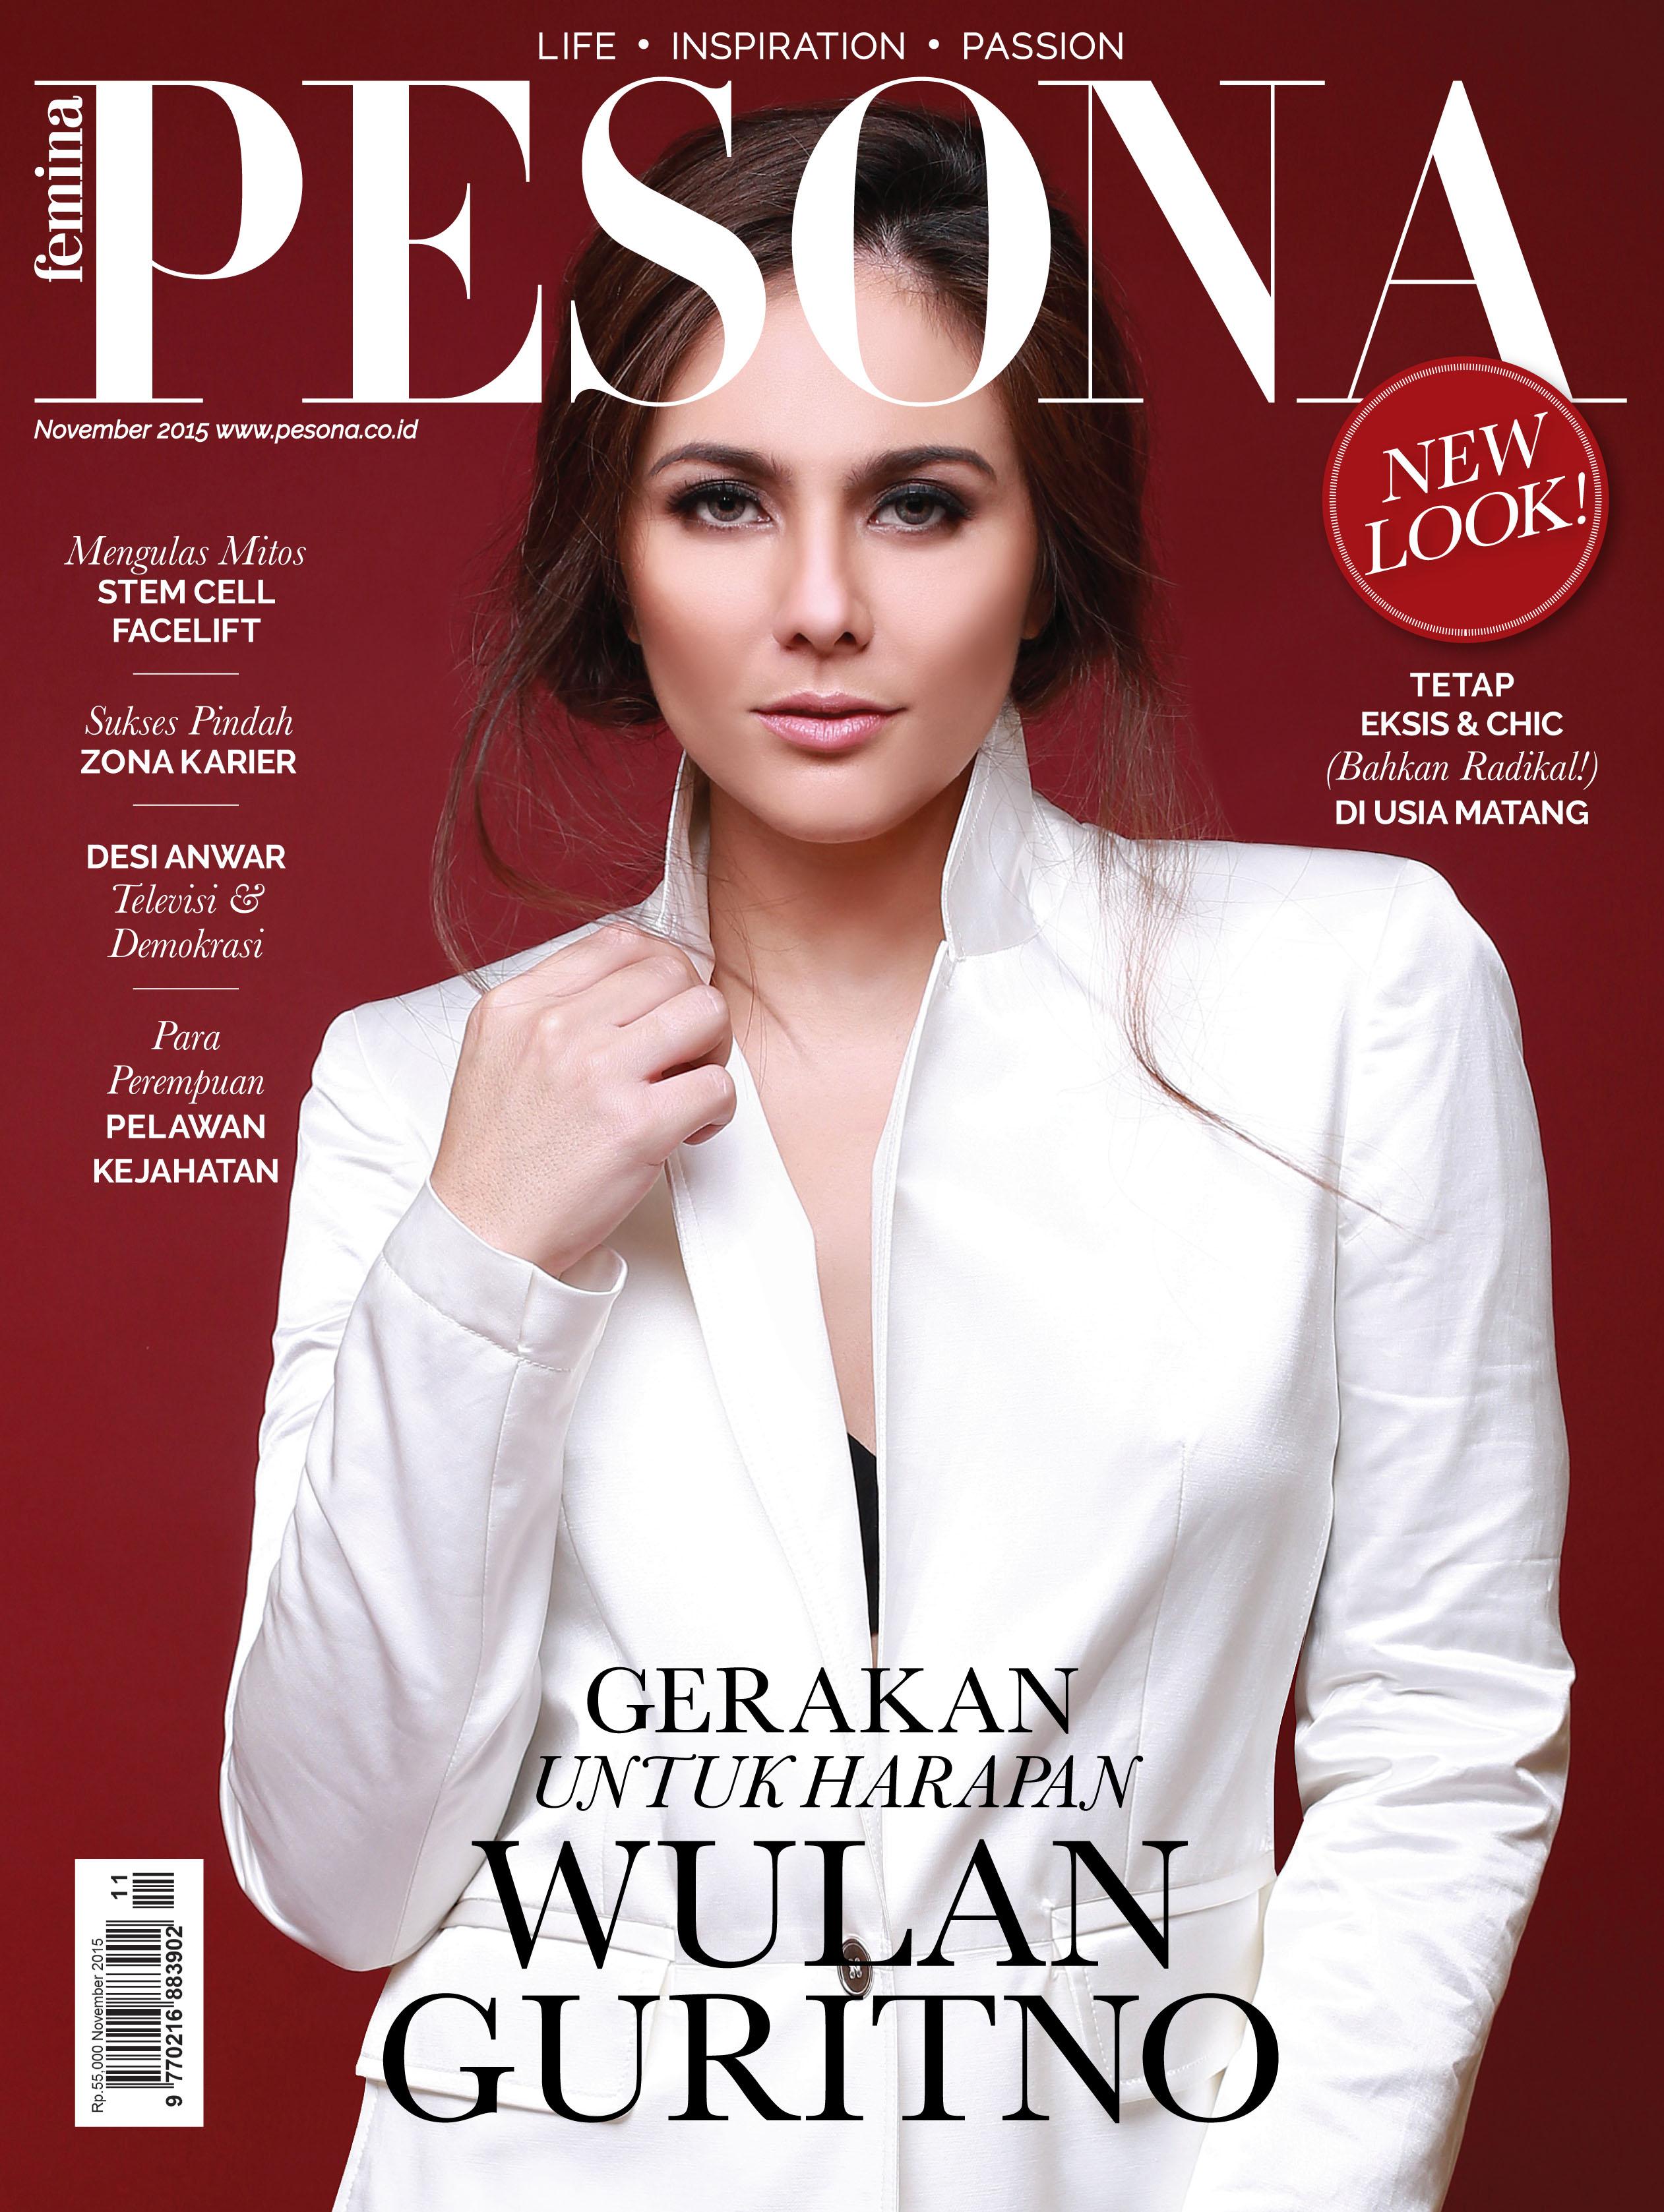 Majalah Pesona edisi November 2015